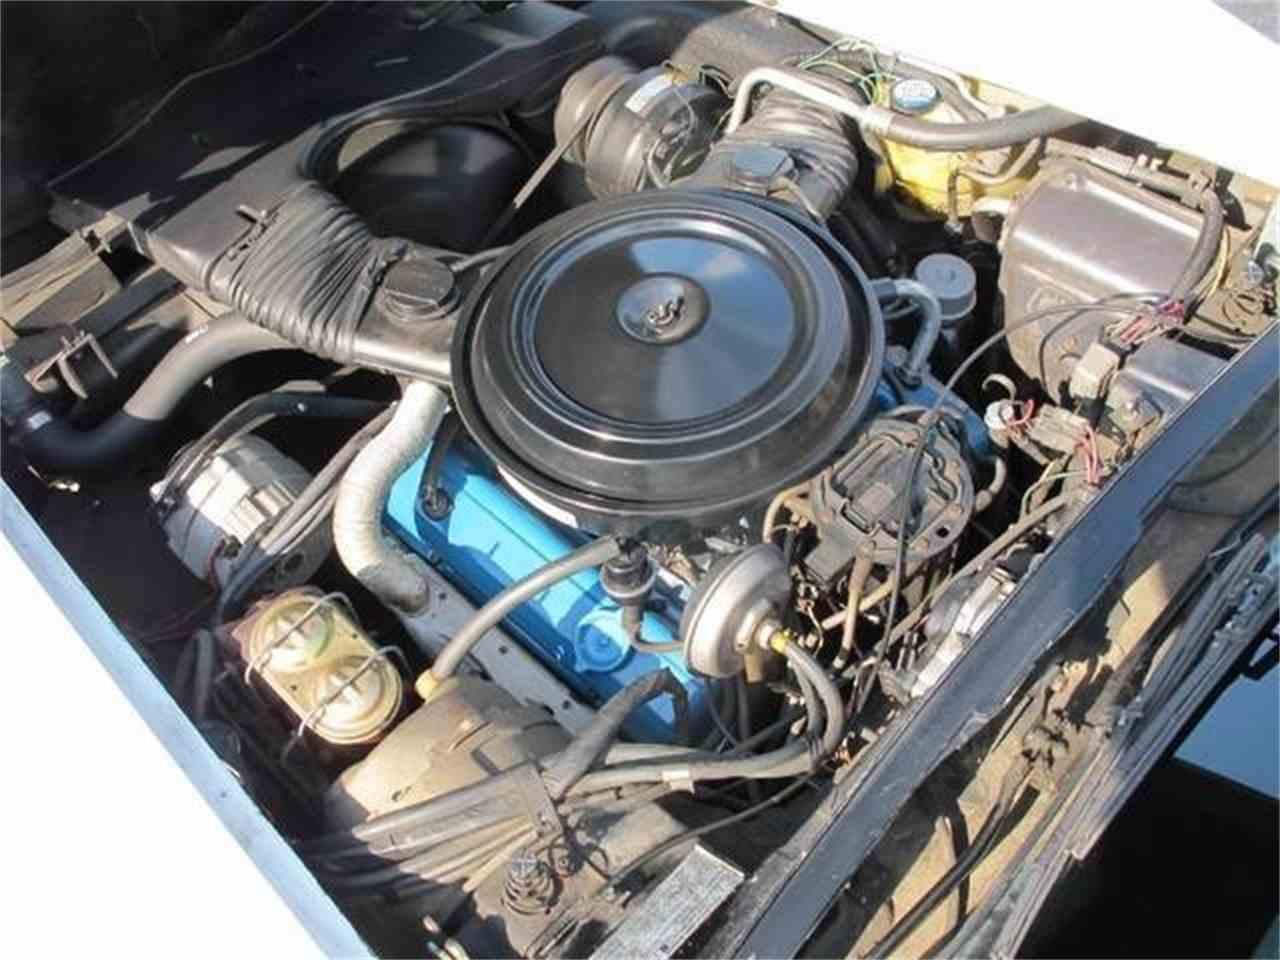 Large Picture of '79 Chevrolet Corvette located in Ohio - $29,990.00 - ETAN